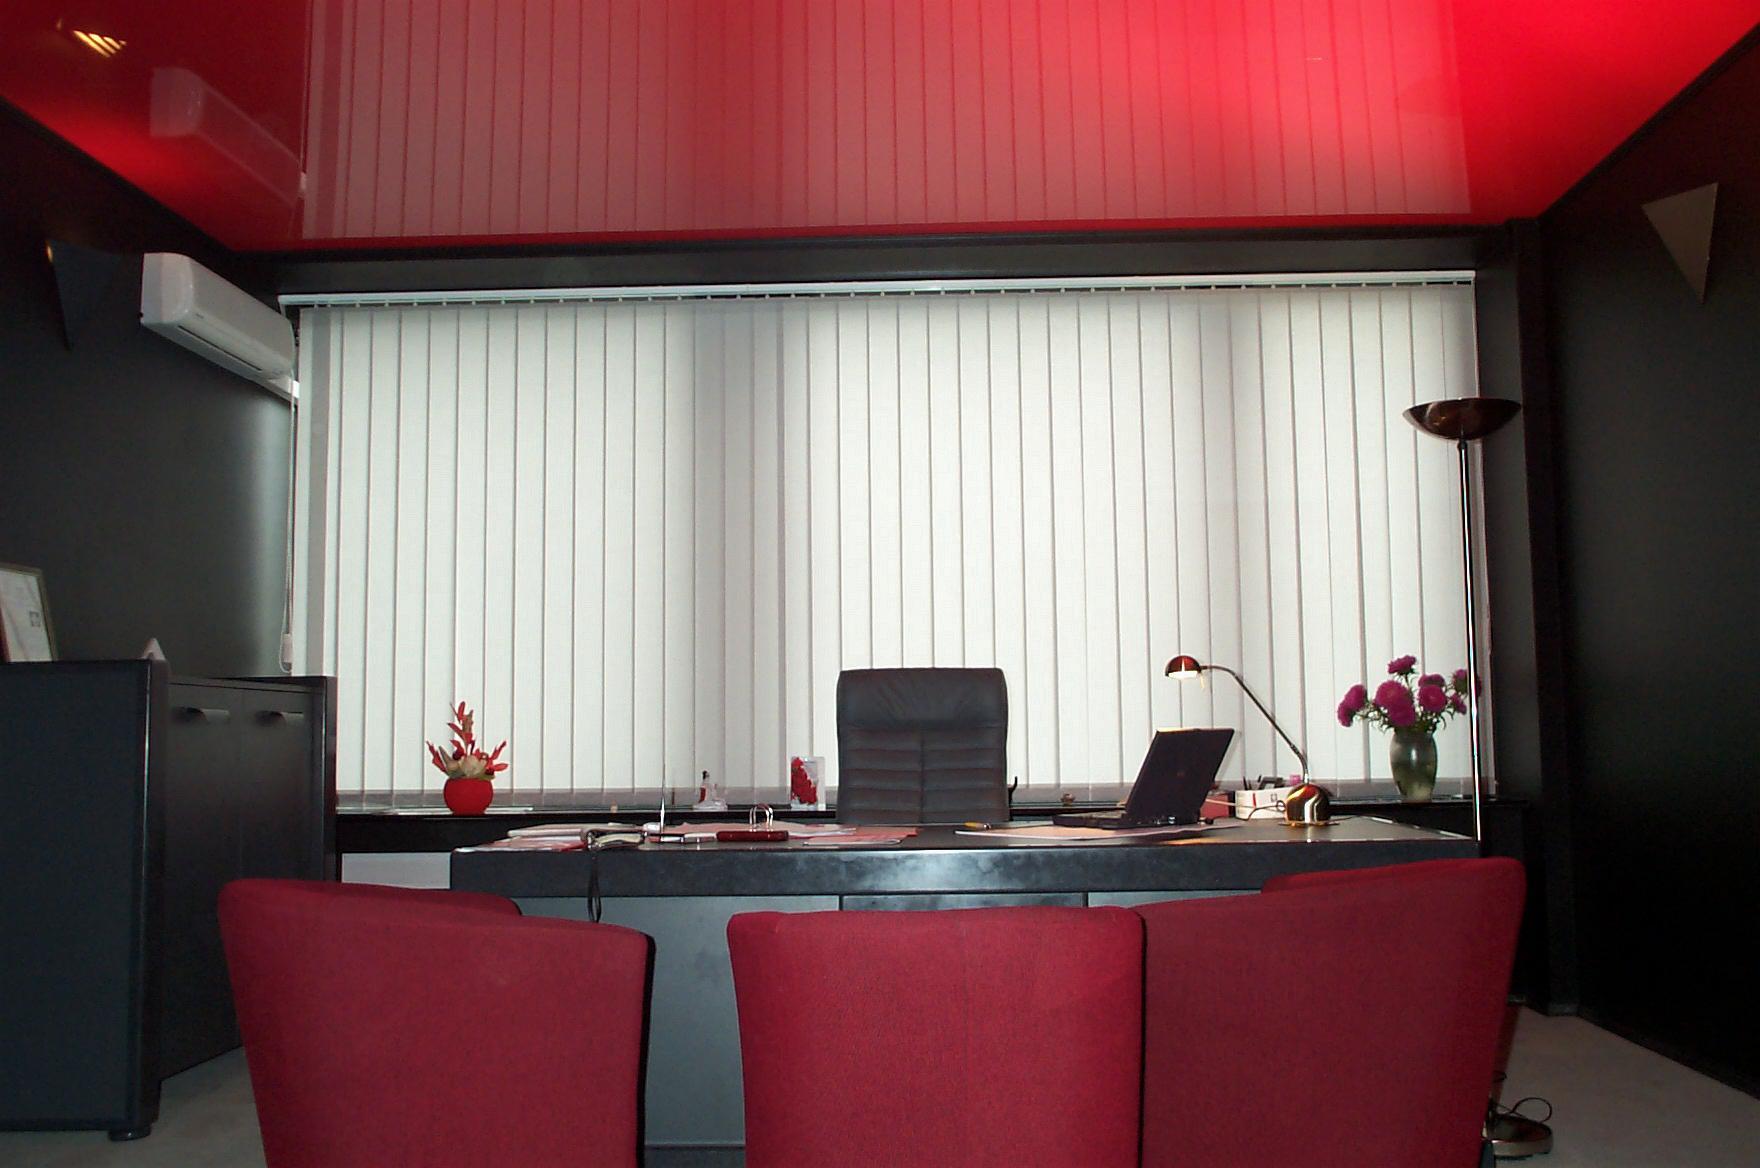 Красный глянцевый потолок со светодиодной подсветкой-смелый вариант для кабинета